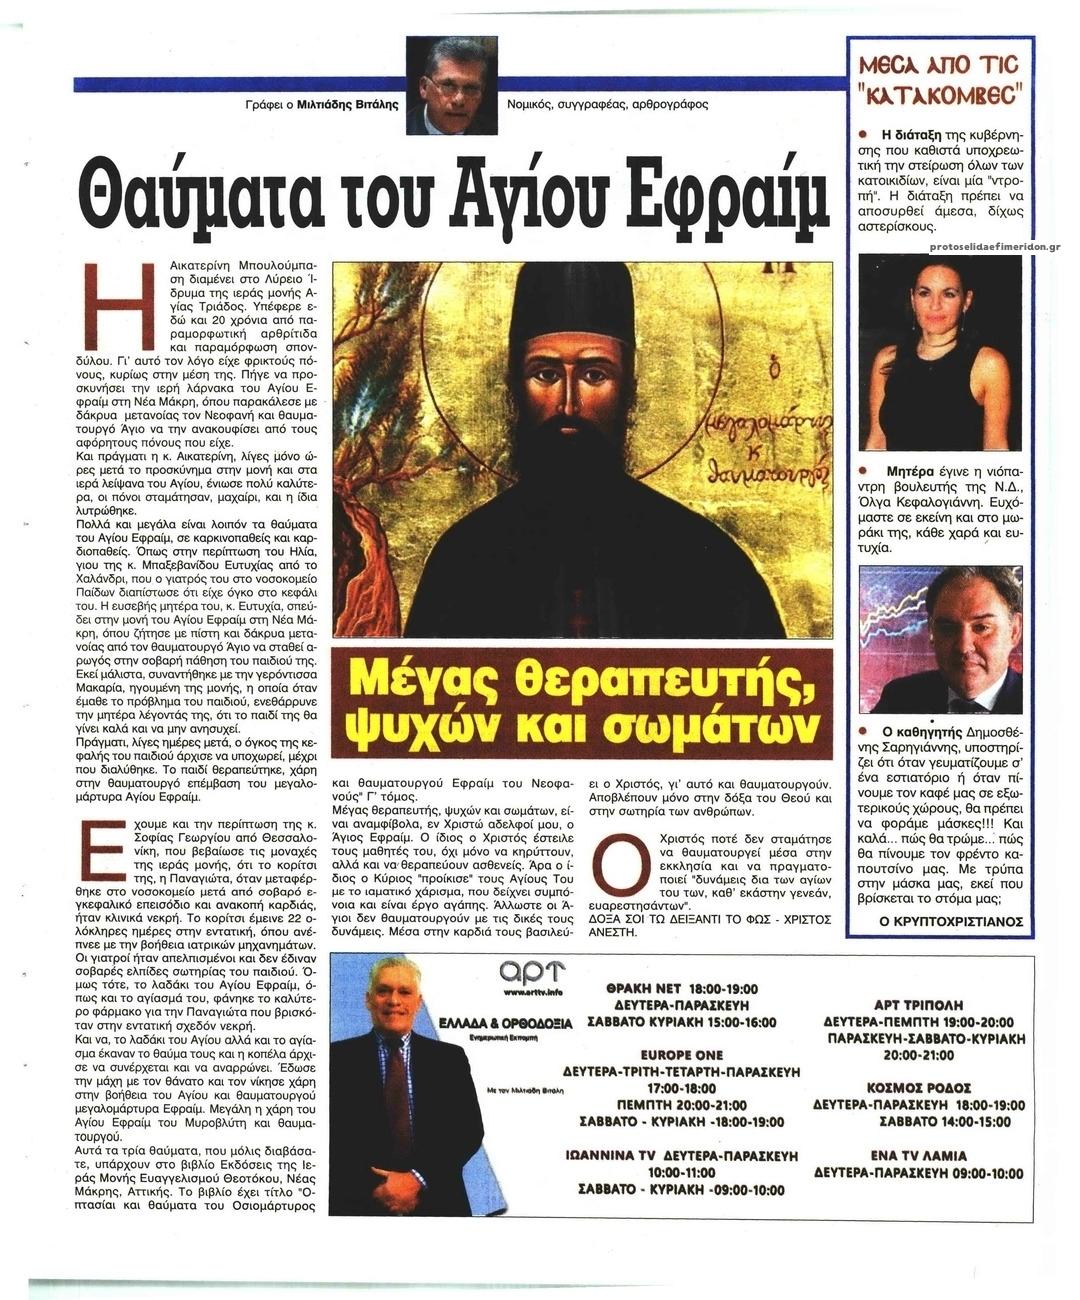 Οπισθόφυλλο εφημερίδας Ελεύθερη Ώρα